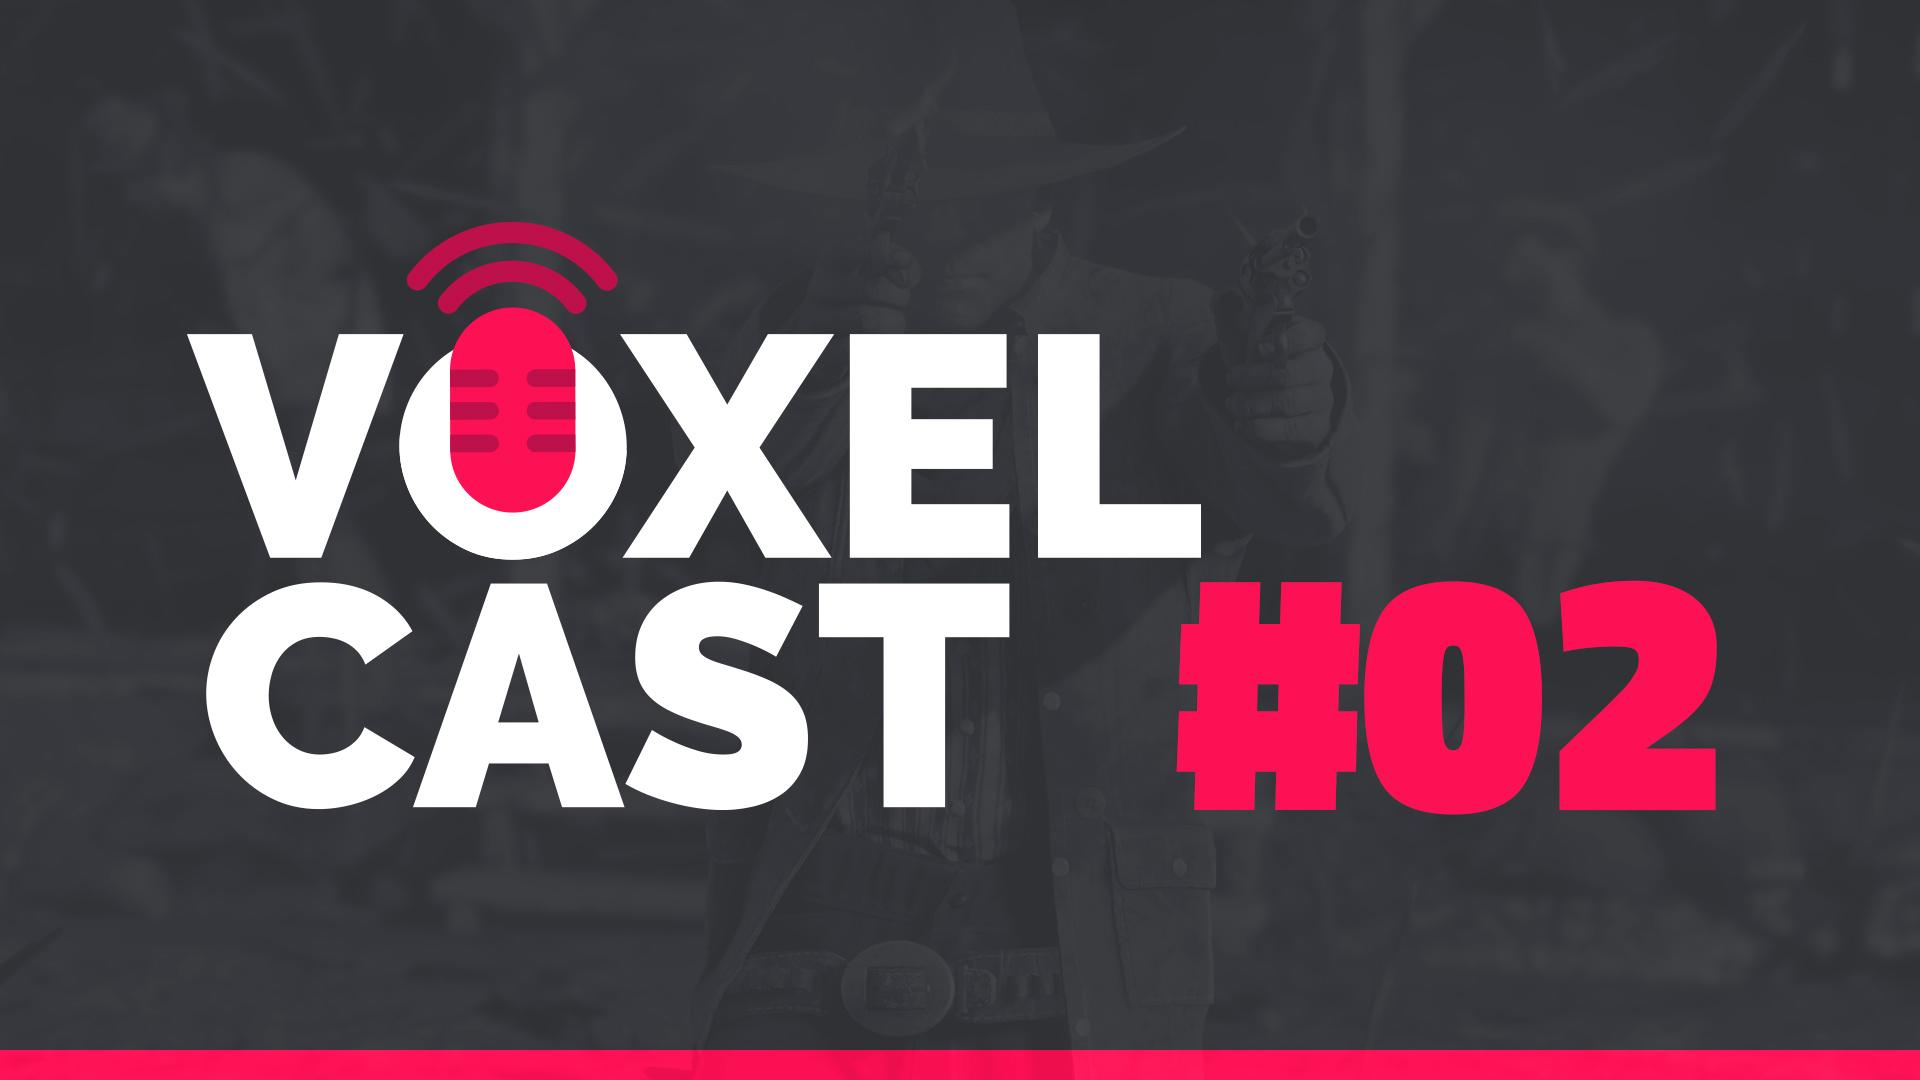 Voxelcast #002 – Perdão pelo vacilo, expectativas pra 2018 e outras coisas